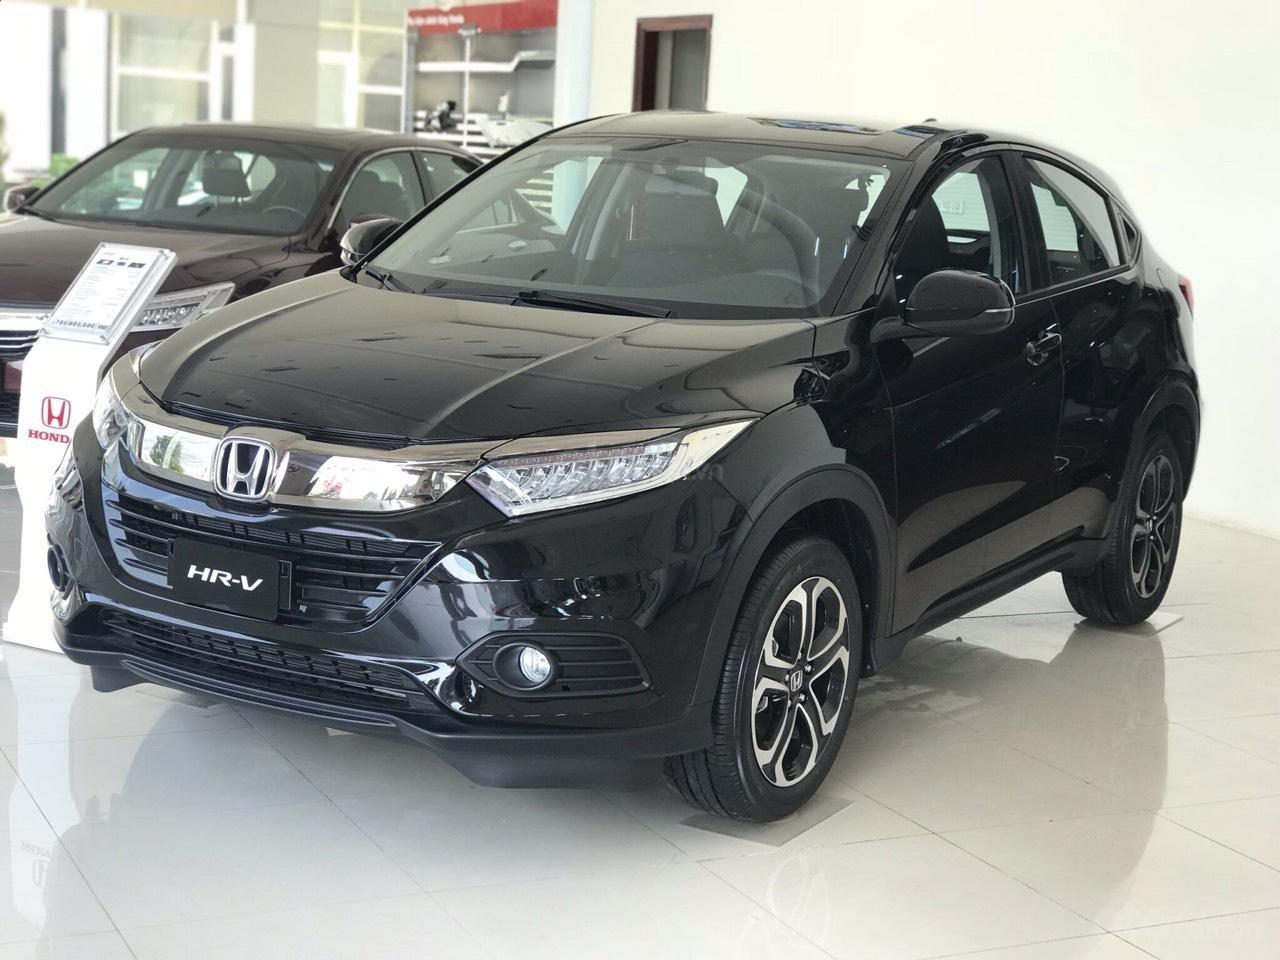 Honda Ô tô Thanh Hóa- Cần Bán Honda HR-V 1.5G màu đen, đời 2019, chỉ cần trả trước 150tr, LH: 0962028368 (2)